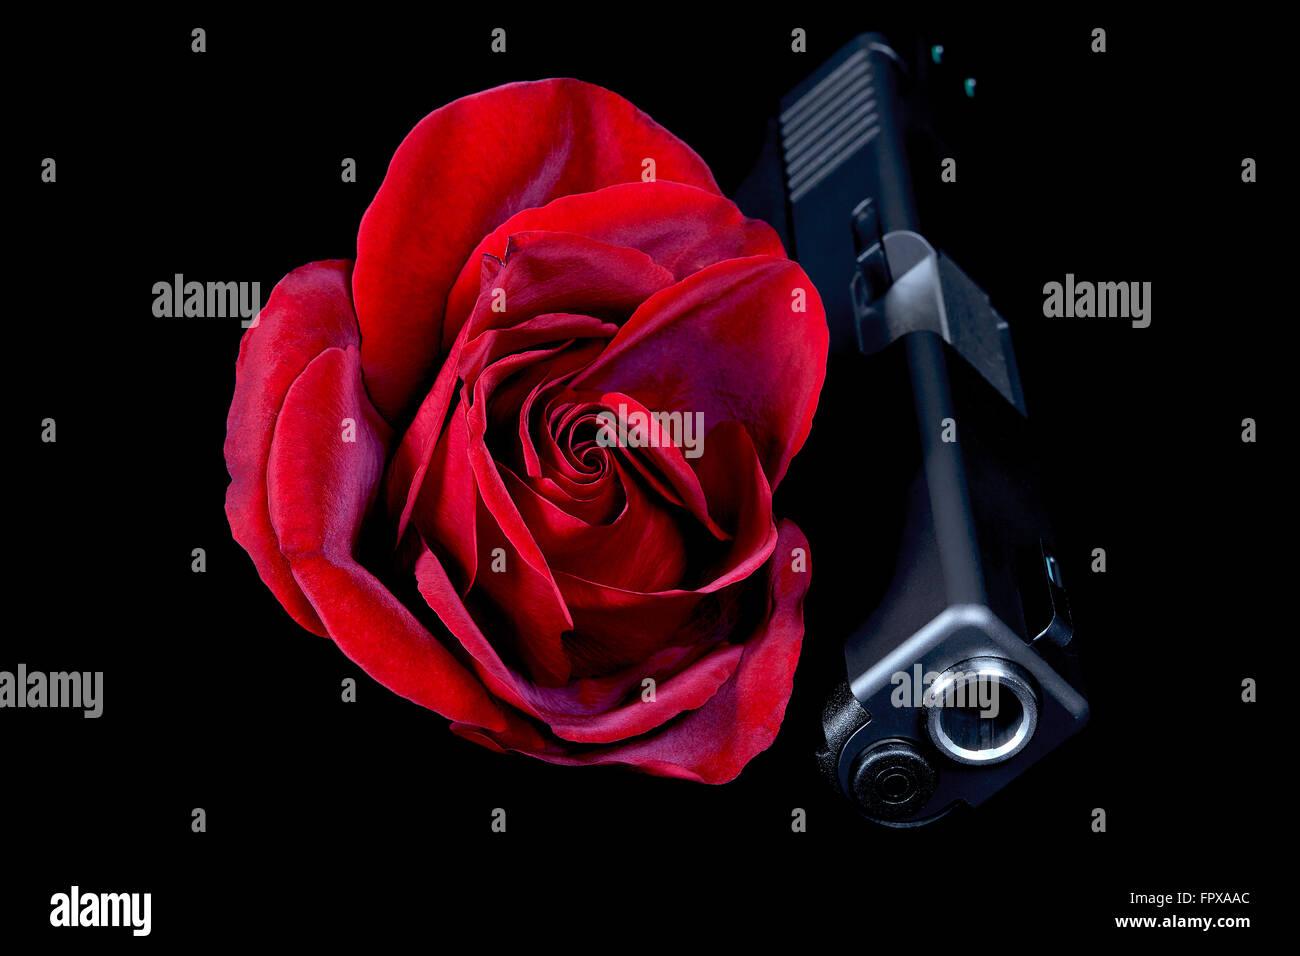 Rosa Rossa Con La Pistola In Primo Piano Su Sfondo Nero Foto